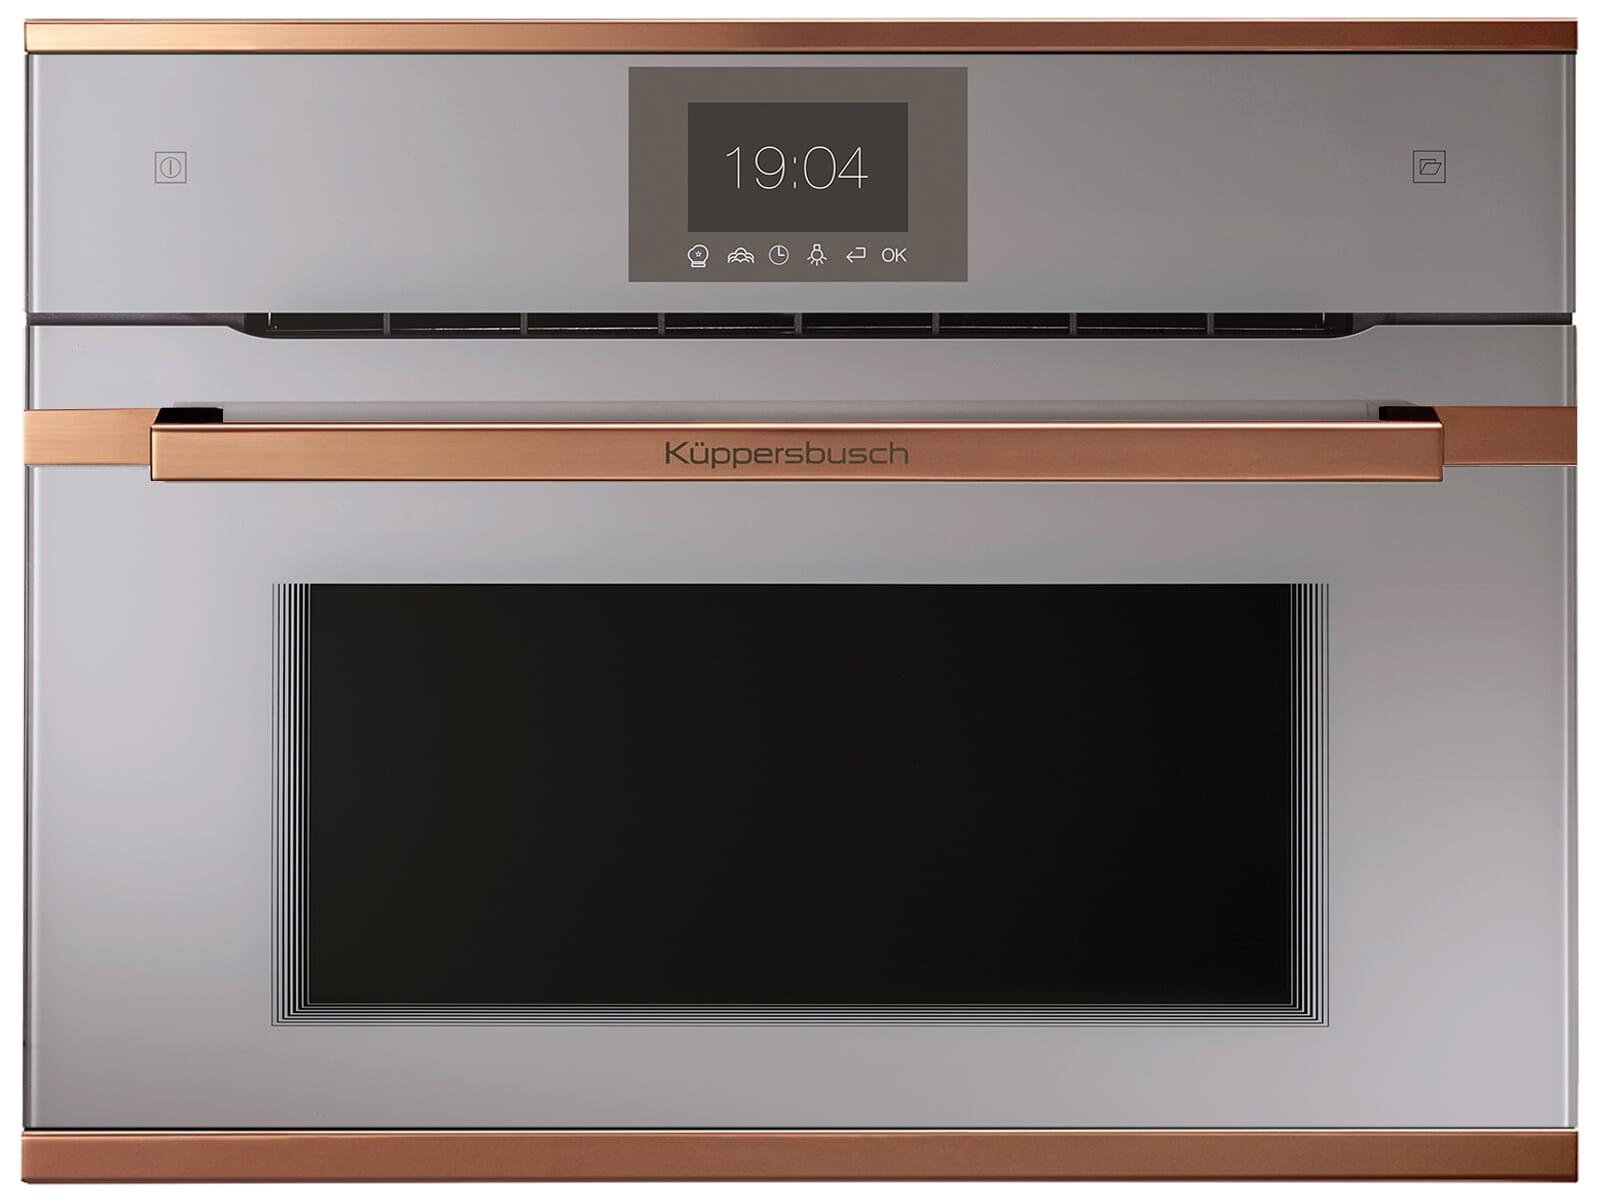 Kuppersbusch Cbd6550 0g7 K Series 5 Dampfbackofen Grau Copper